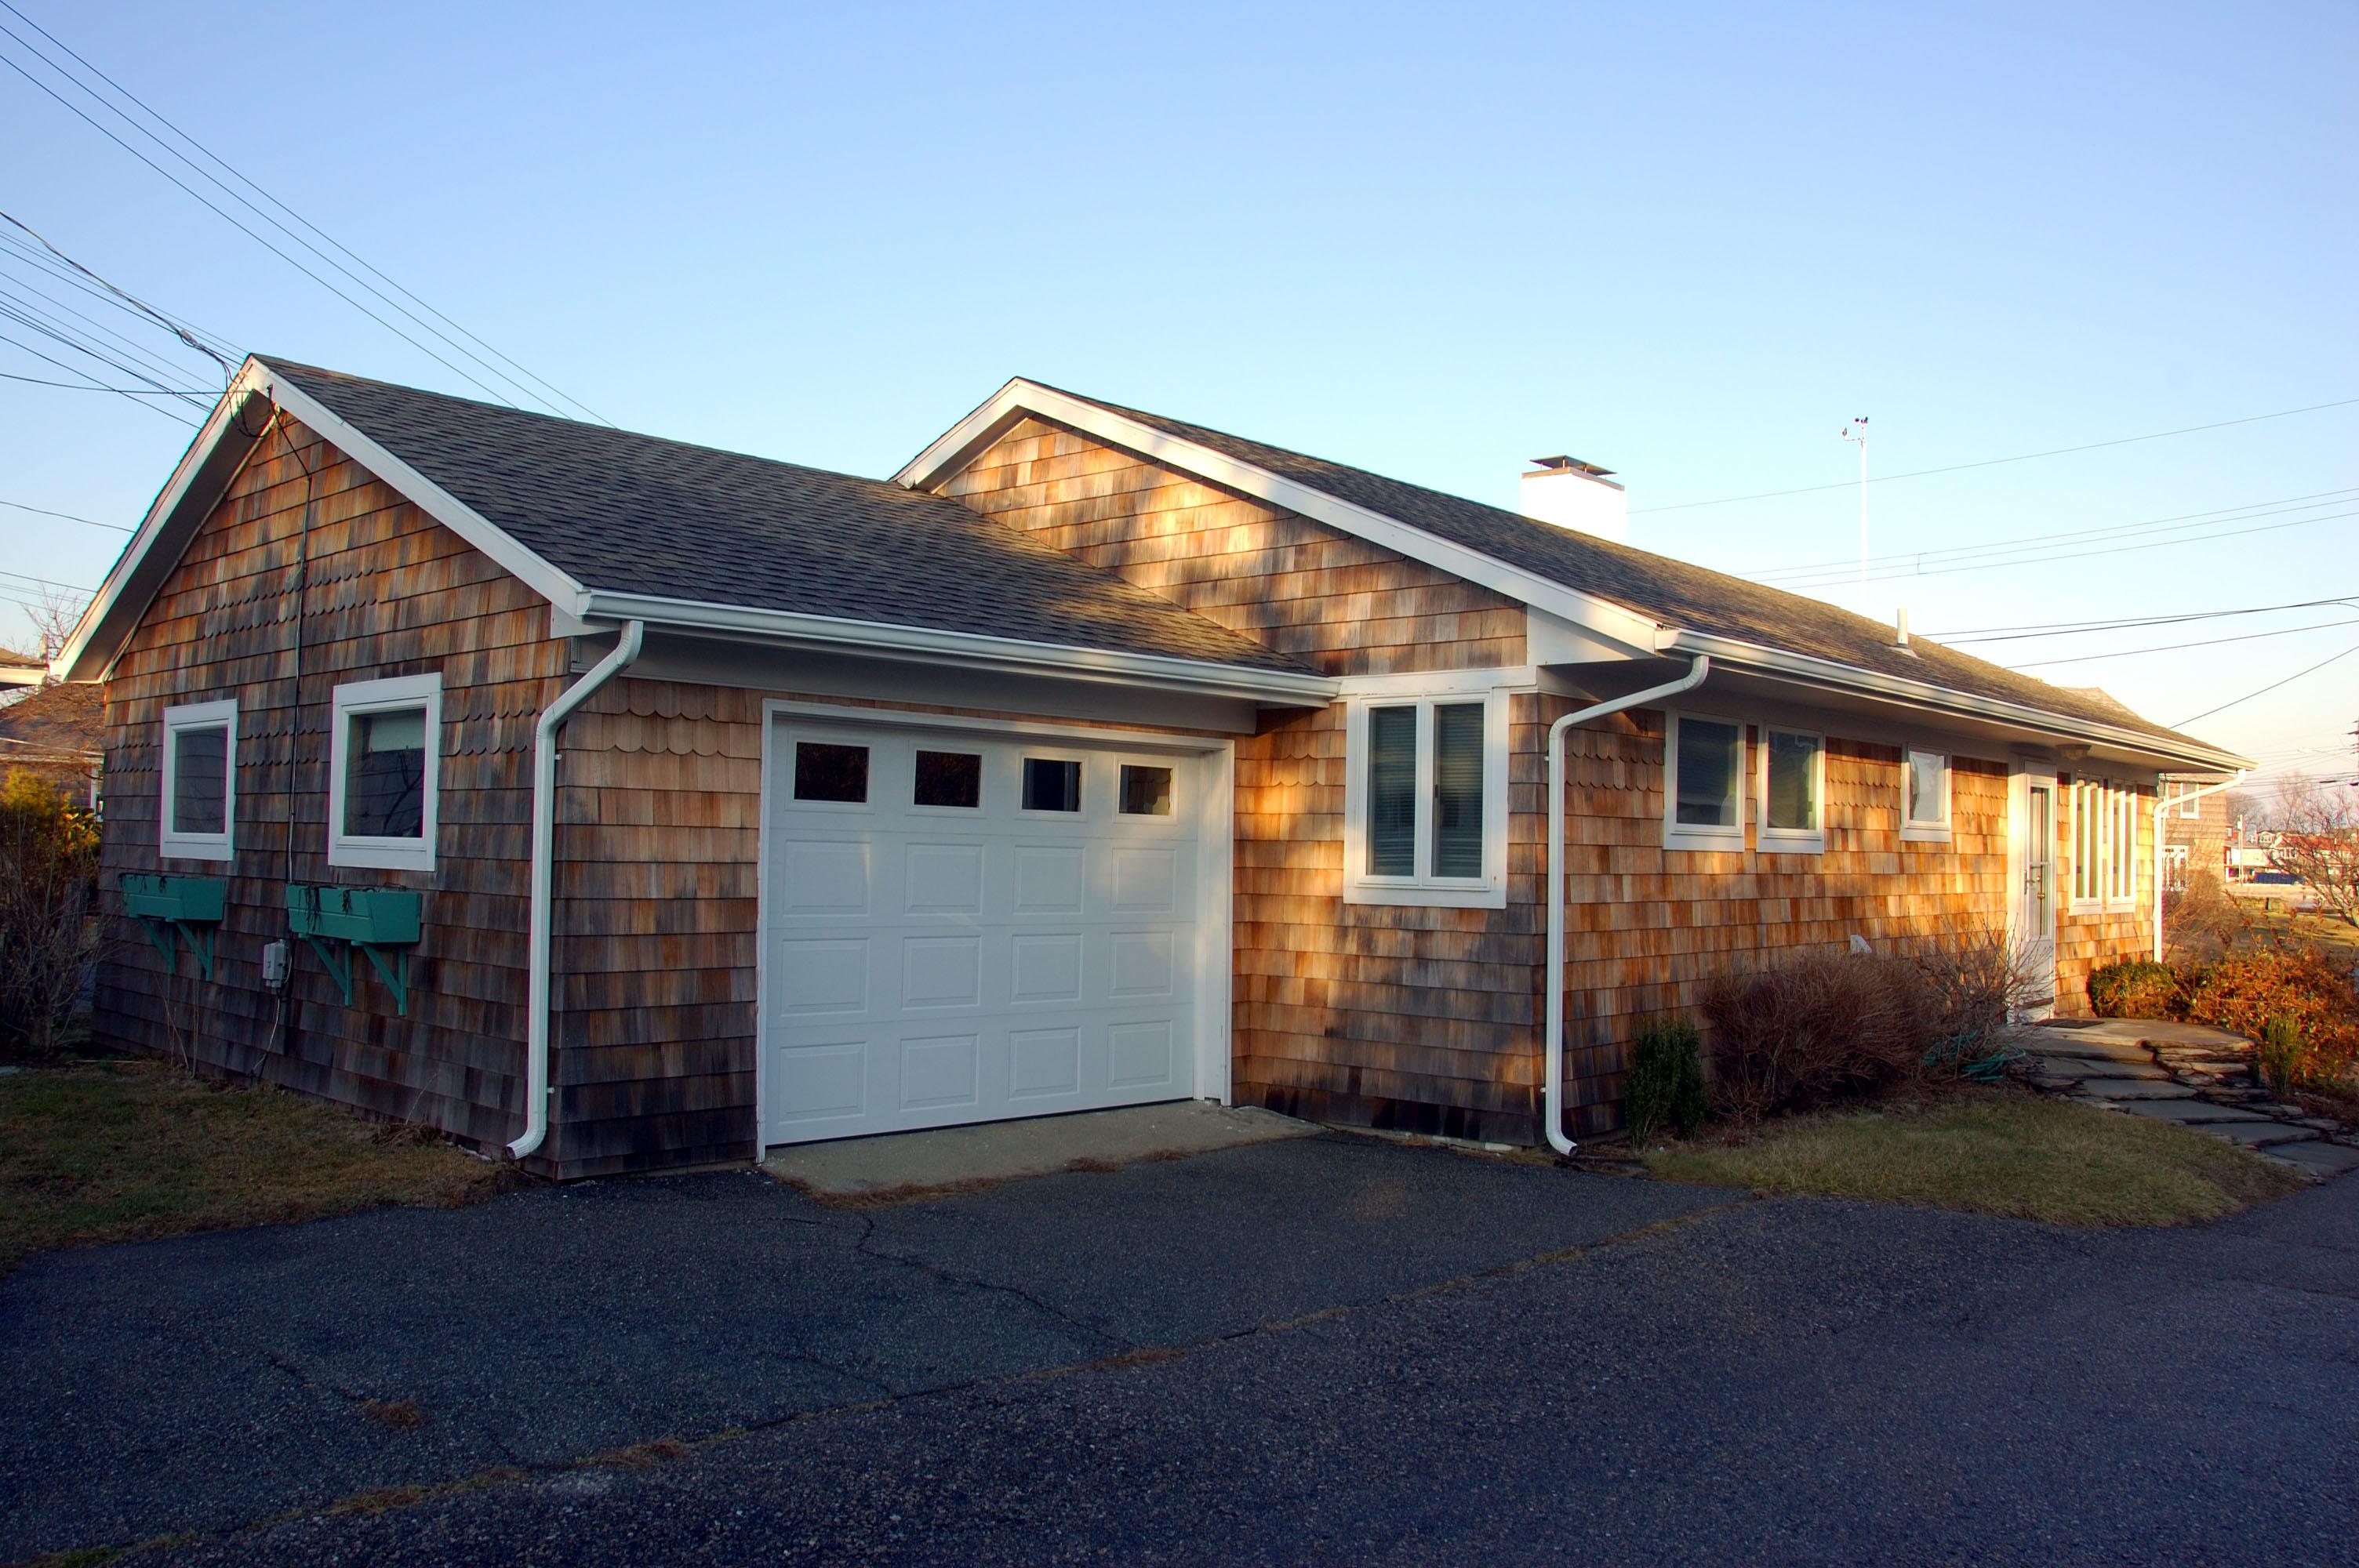 213 A West Shore Avenue, Groton, CT 06340